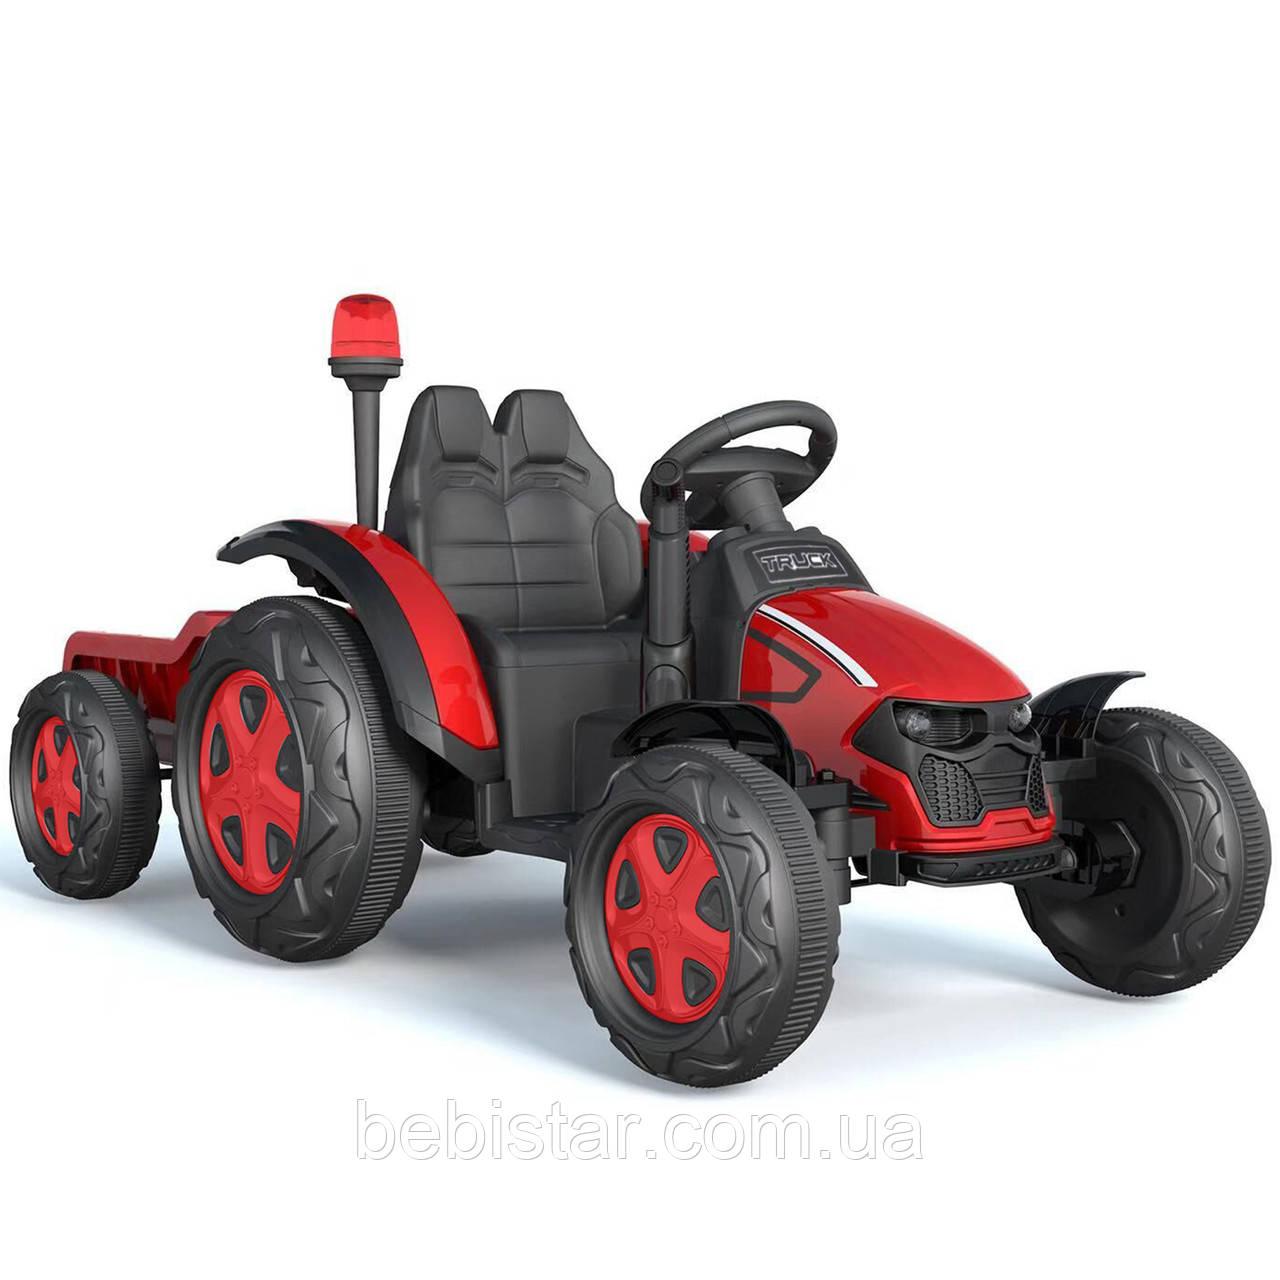 Детский электромобиль трактор красный с прицепом на пластиковых колесах с пультом и МР3 размер 150х70х70см